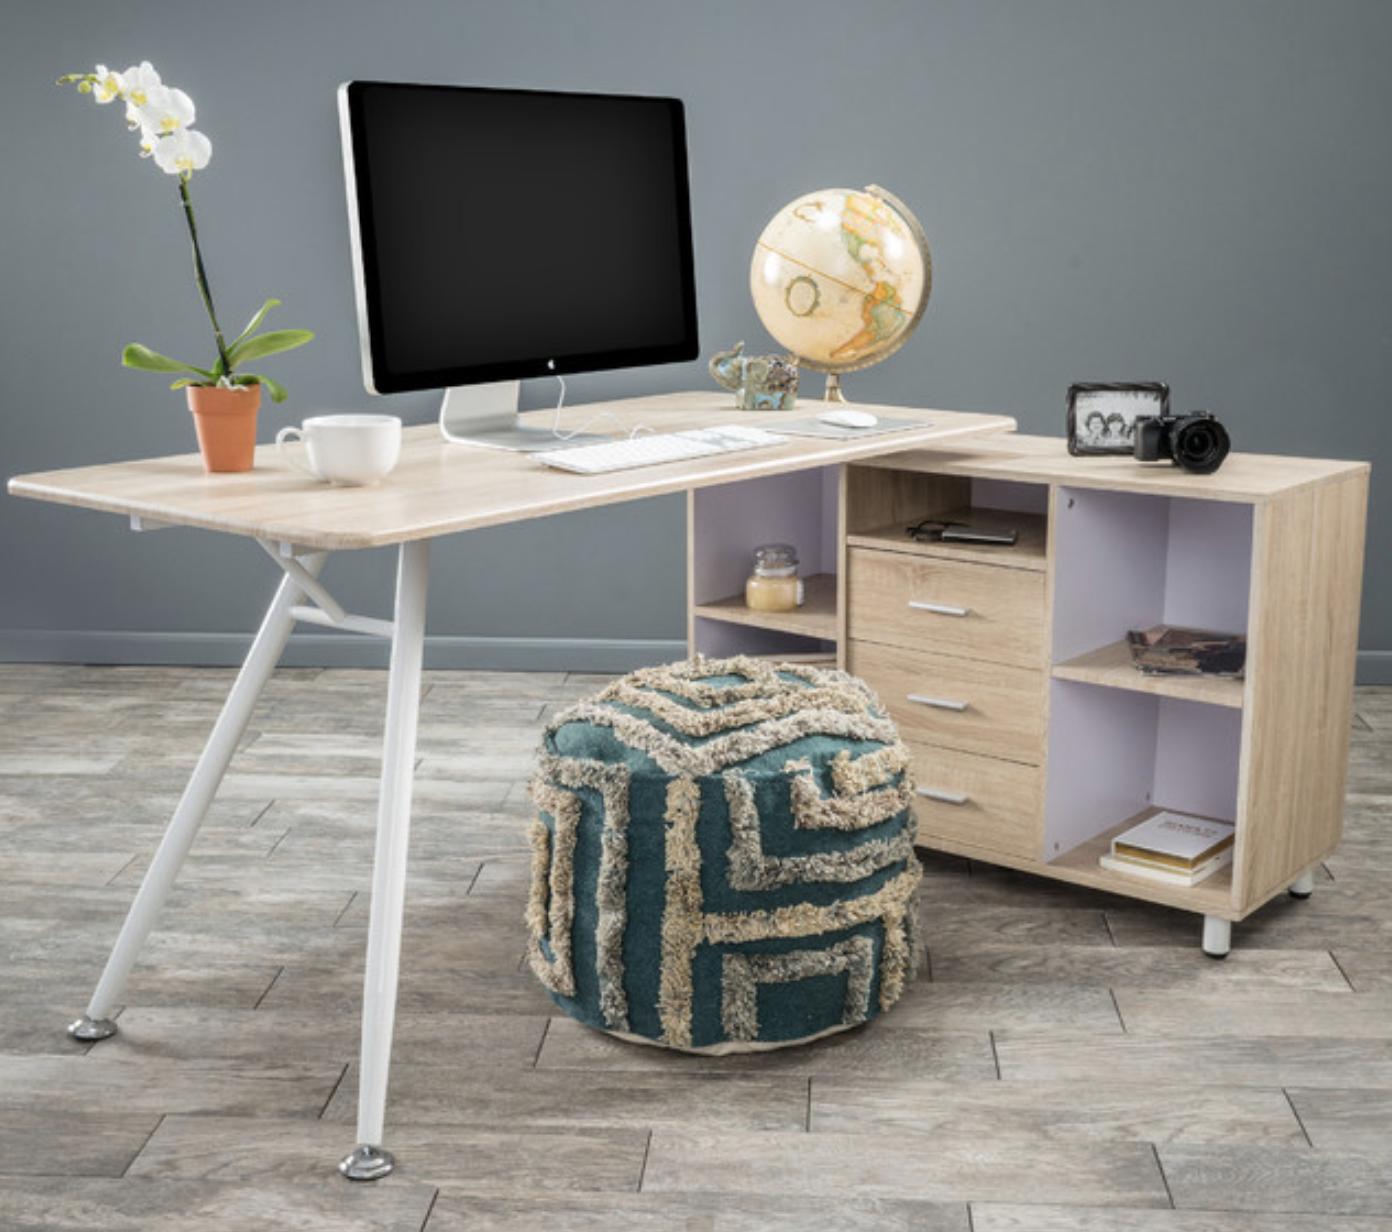 denise-austin-home-lyon-computer-desk